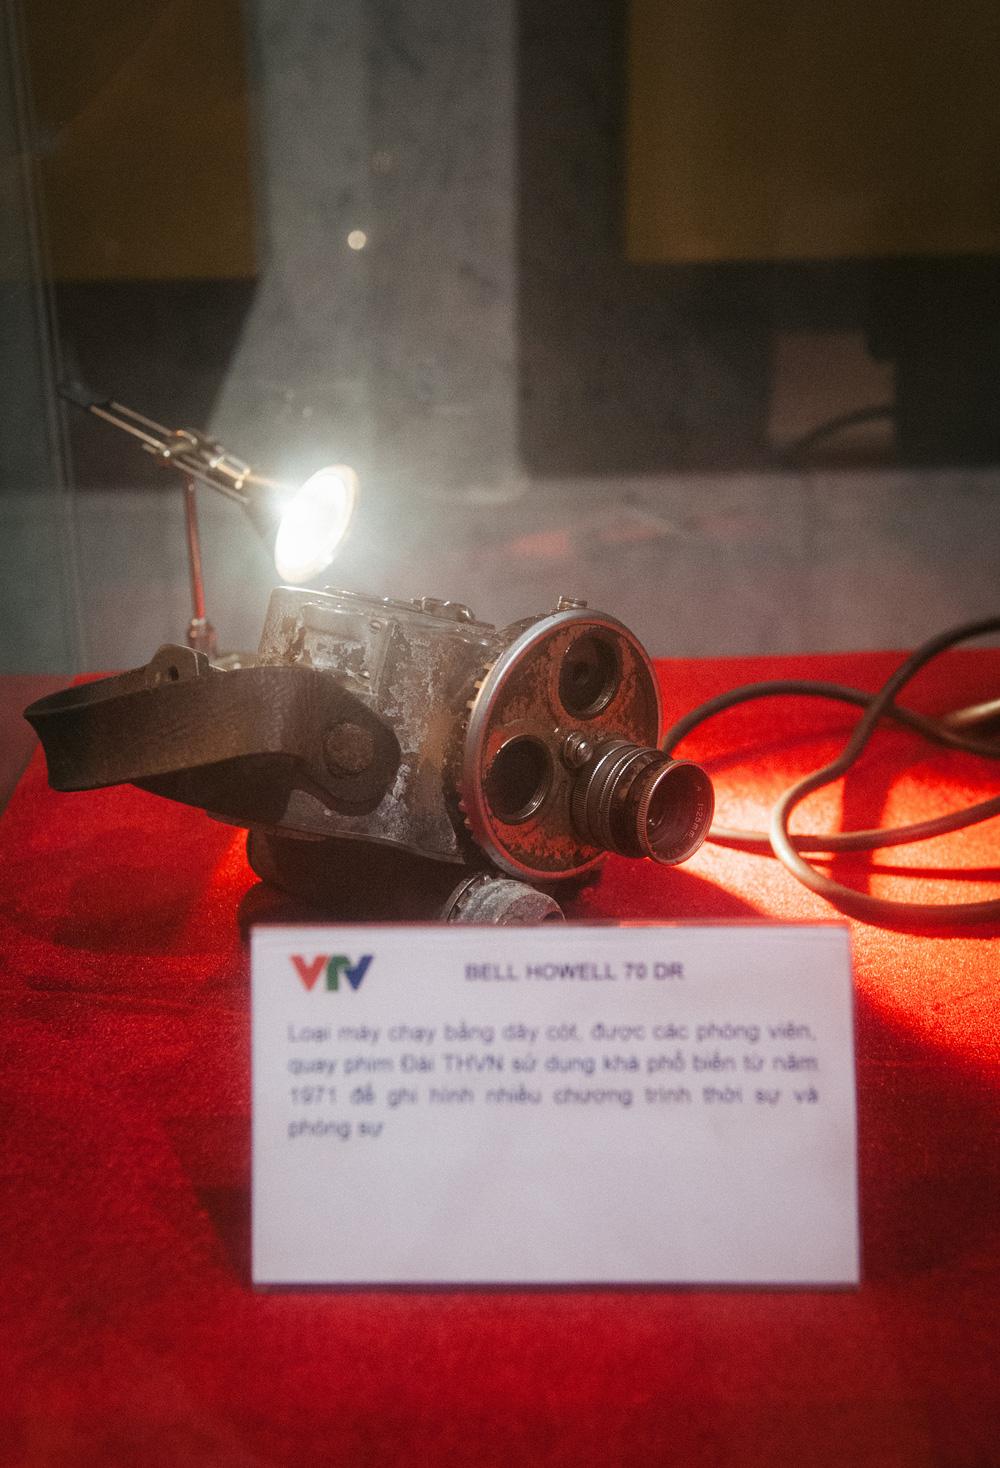 Những kỷ vật đồng hành cùng VTV từ những ngày đầu - Ảnh 2.